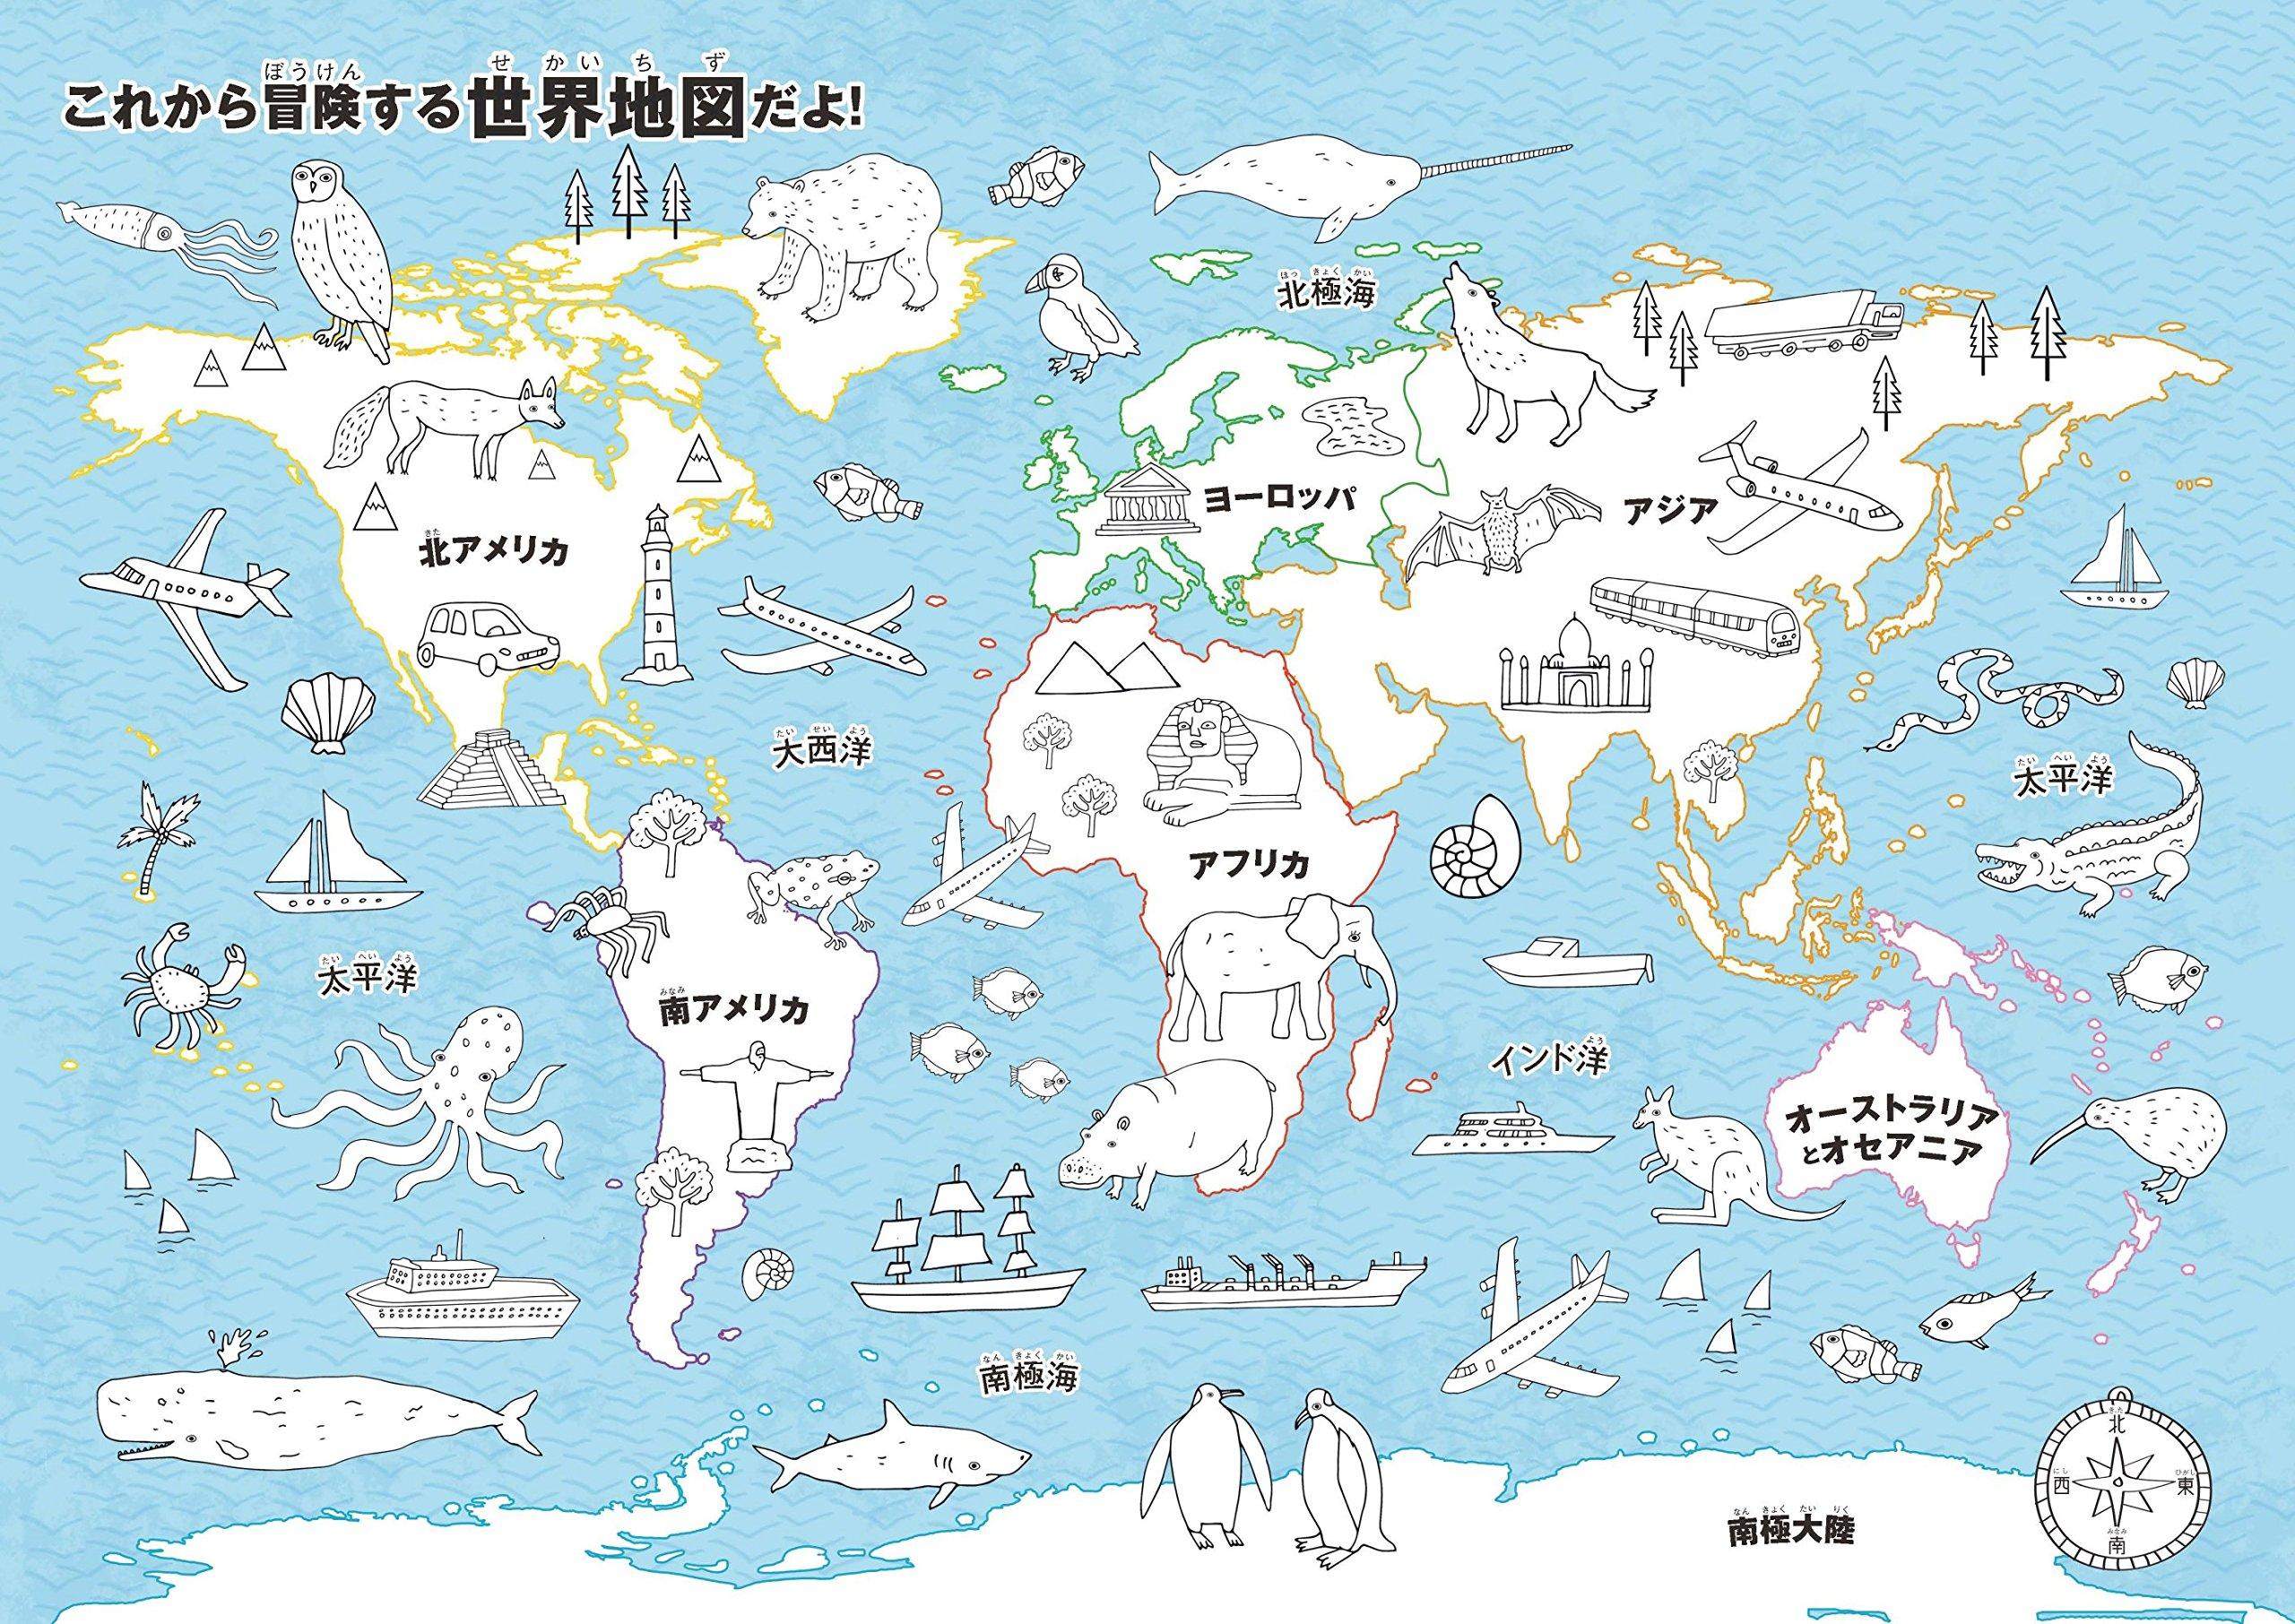 ザマップ ぬりえ世界地図帳 ブライオニージョーンズ ジョニー